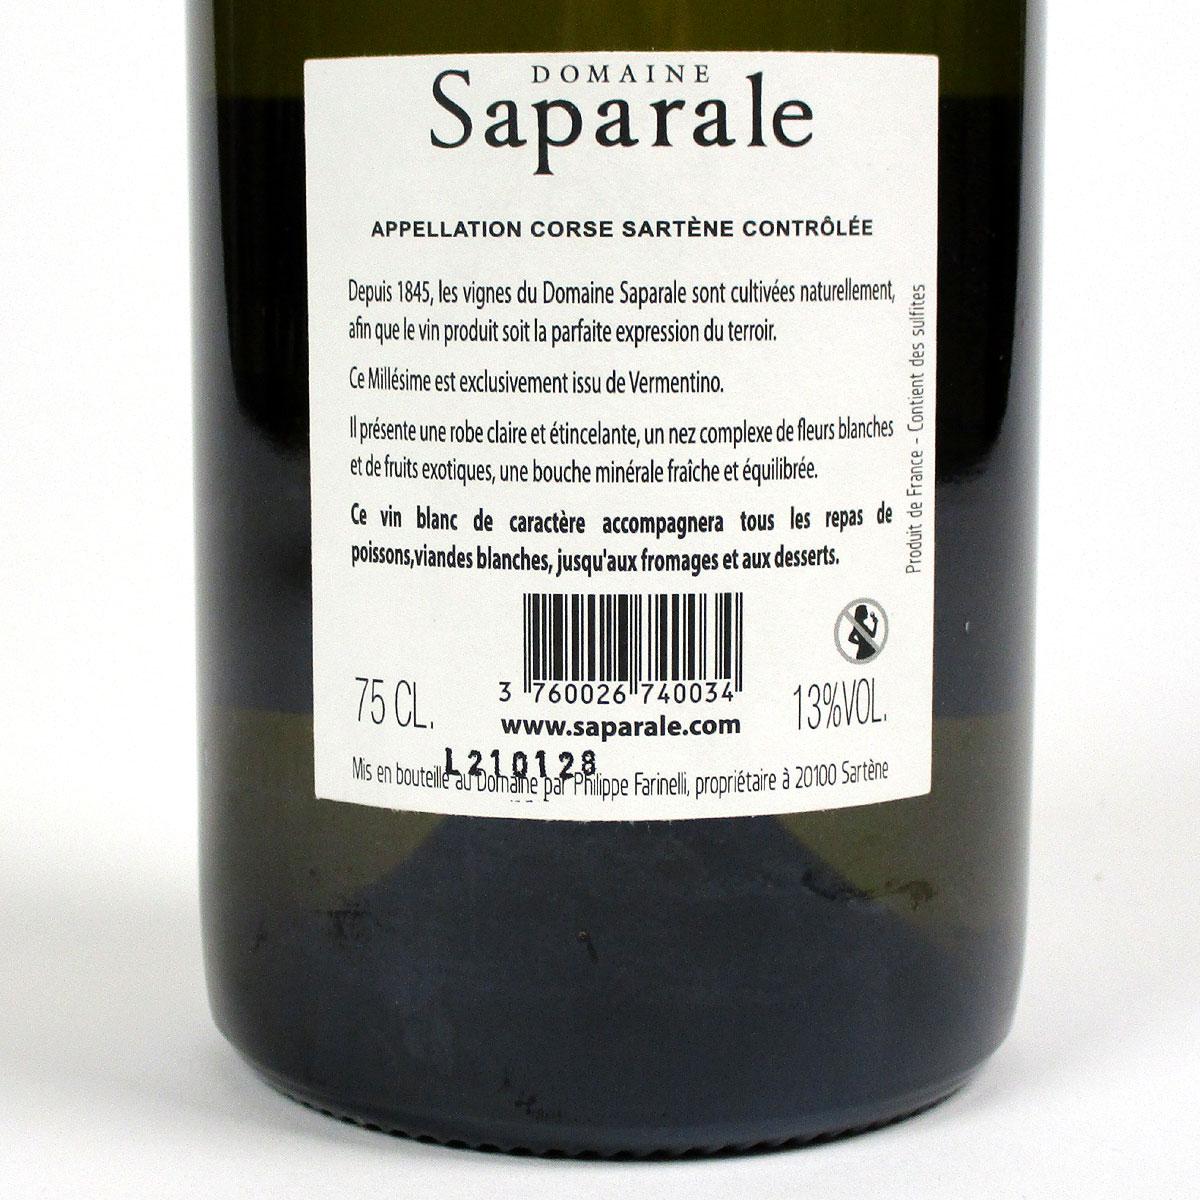 Vin de Corse Sartène Blanc: Domaine Saparale 2020 - Bottle Rear Label